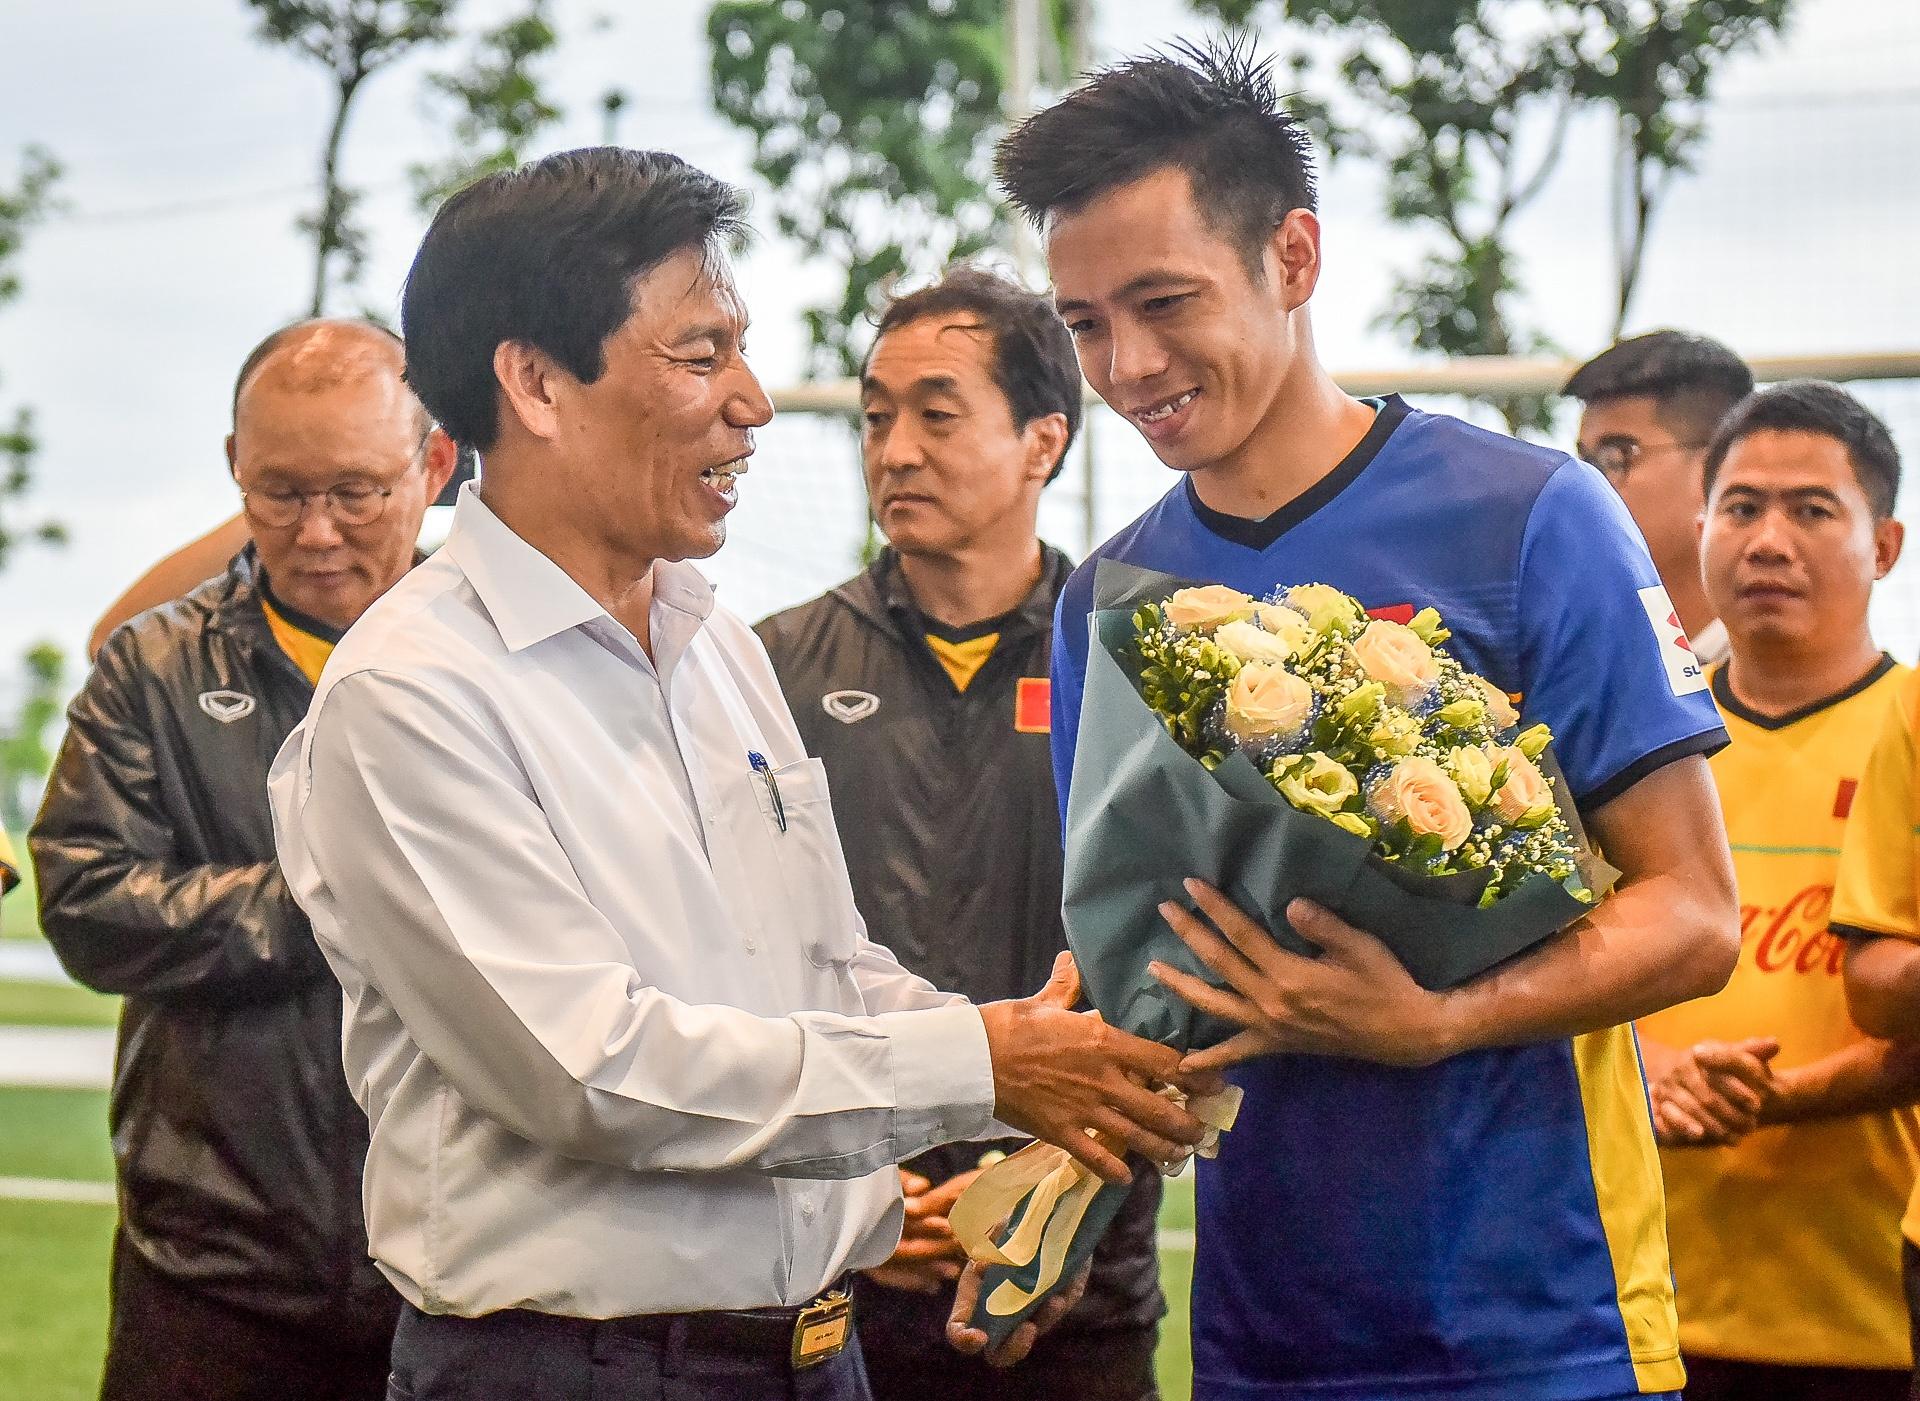 Hanh trinh cua Olympic Viet Nam tai ASIAD anh 4